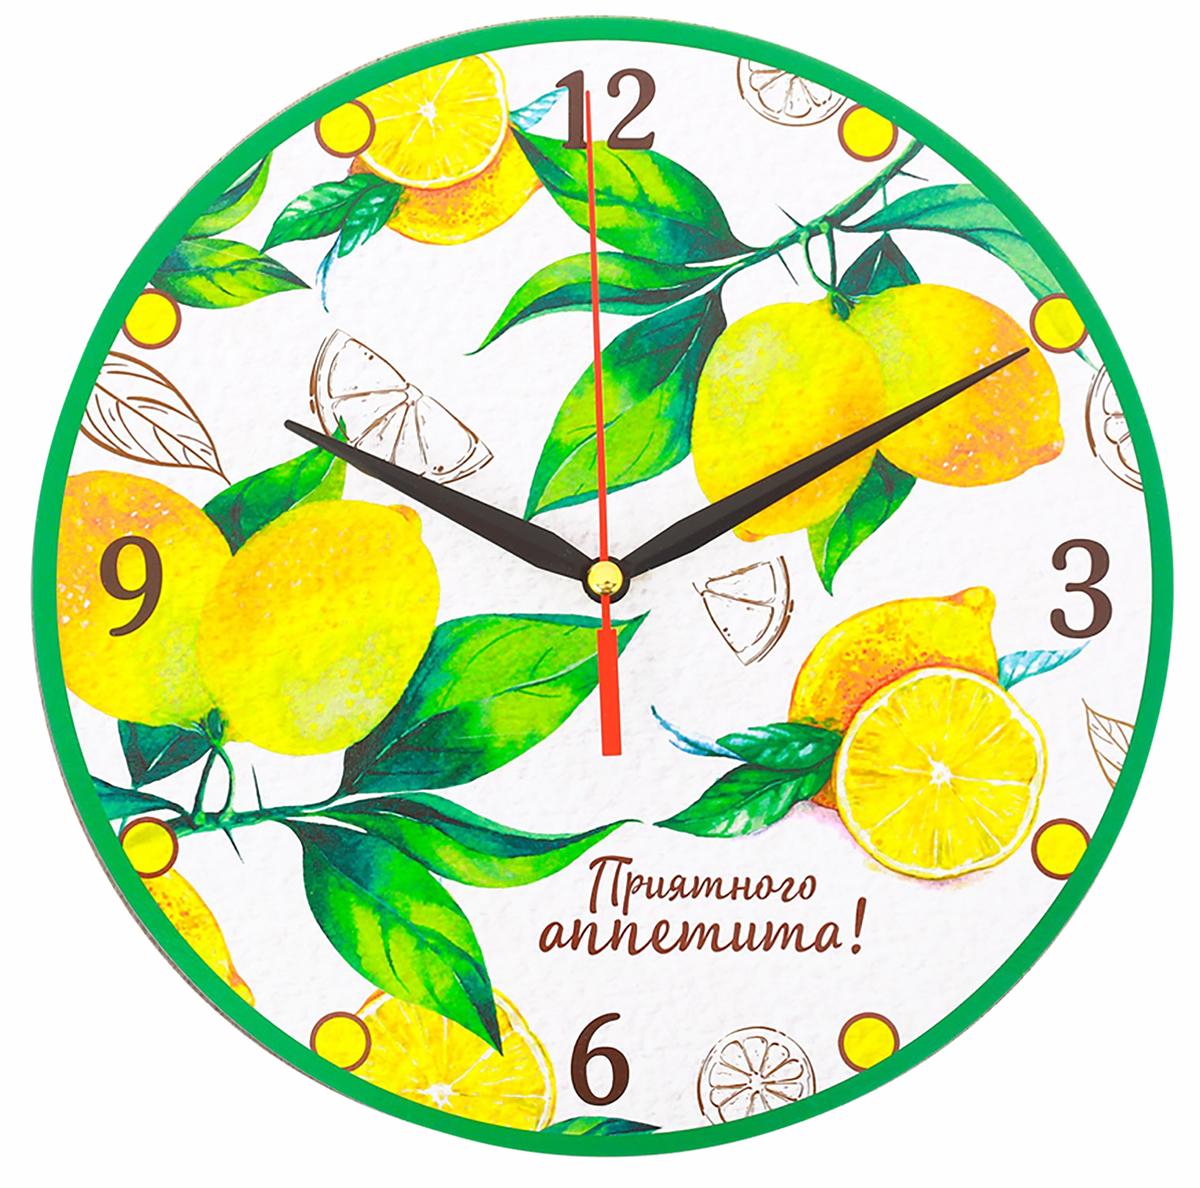 Часы настенные Приятного аппетита! Лимоны2935509Часы деревянные Приятного аппетита! лимоны, d=25 см — сувенир в полном смысле этого слова. И главная его задача — хранить воспоминание о месте, где вы побывали, или о том человеке, который подарил данный предмет. Преподнесите эту вещь своему другу, и она станет достойным украшением его дома. Каждому хозяину периодически приходит мысль обновить свою квартиру, сделать ремонт, перестановку или кардинально поменять внешний вид каждой комнаты. Часы деревянные Приятного аппетита! лимоны, d=25 см — привлекательная деталь, которая поможет воплотить вашу интерьерную идею, создать неповторимую атмосферу в вашем доме. Окружите себя приятными мелочами, пусть они радуют глаз и дарят гармонию.Часы Приятного аппетита! лимоны 2935509